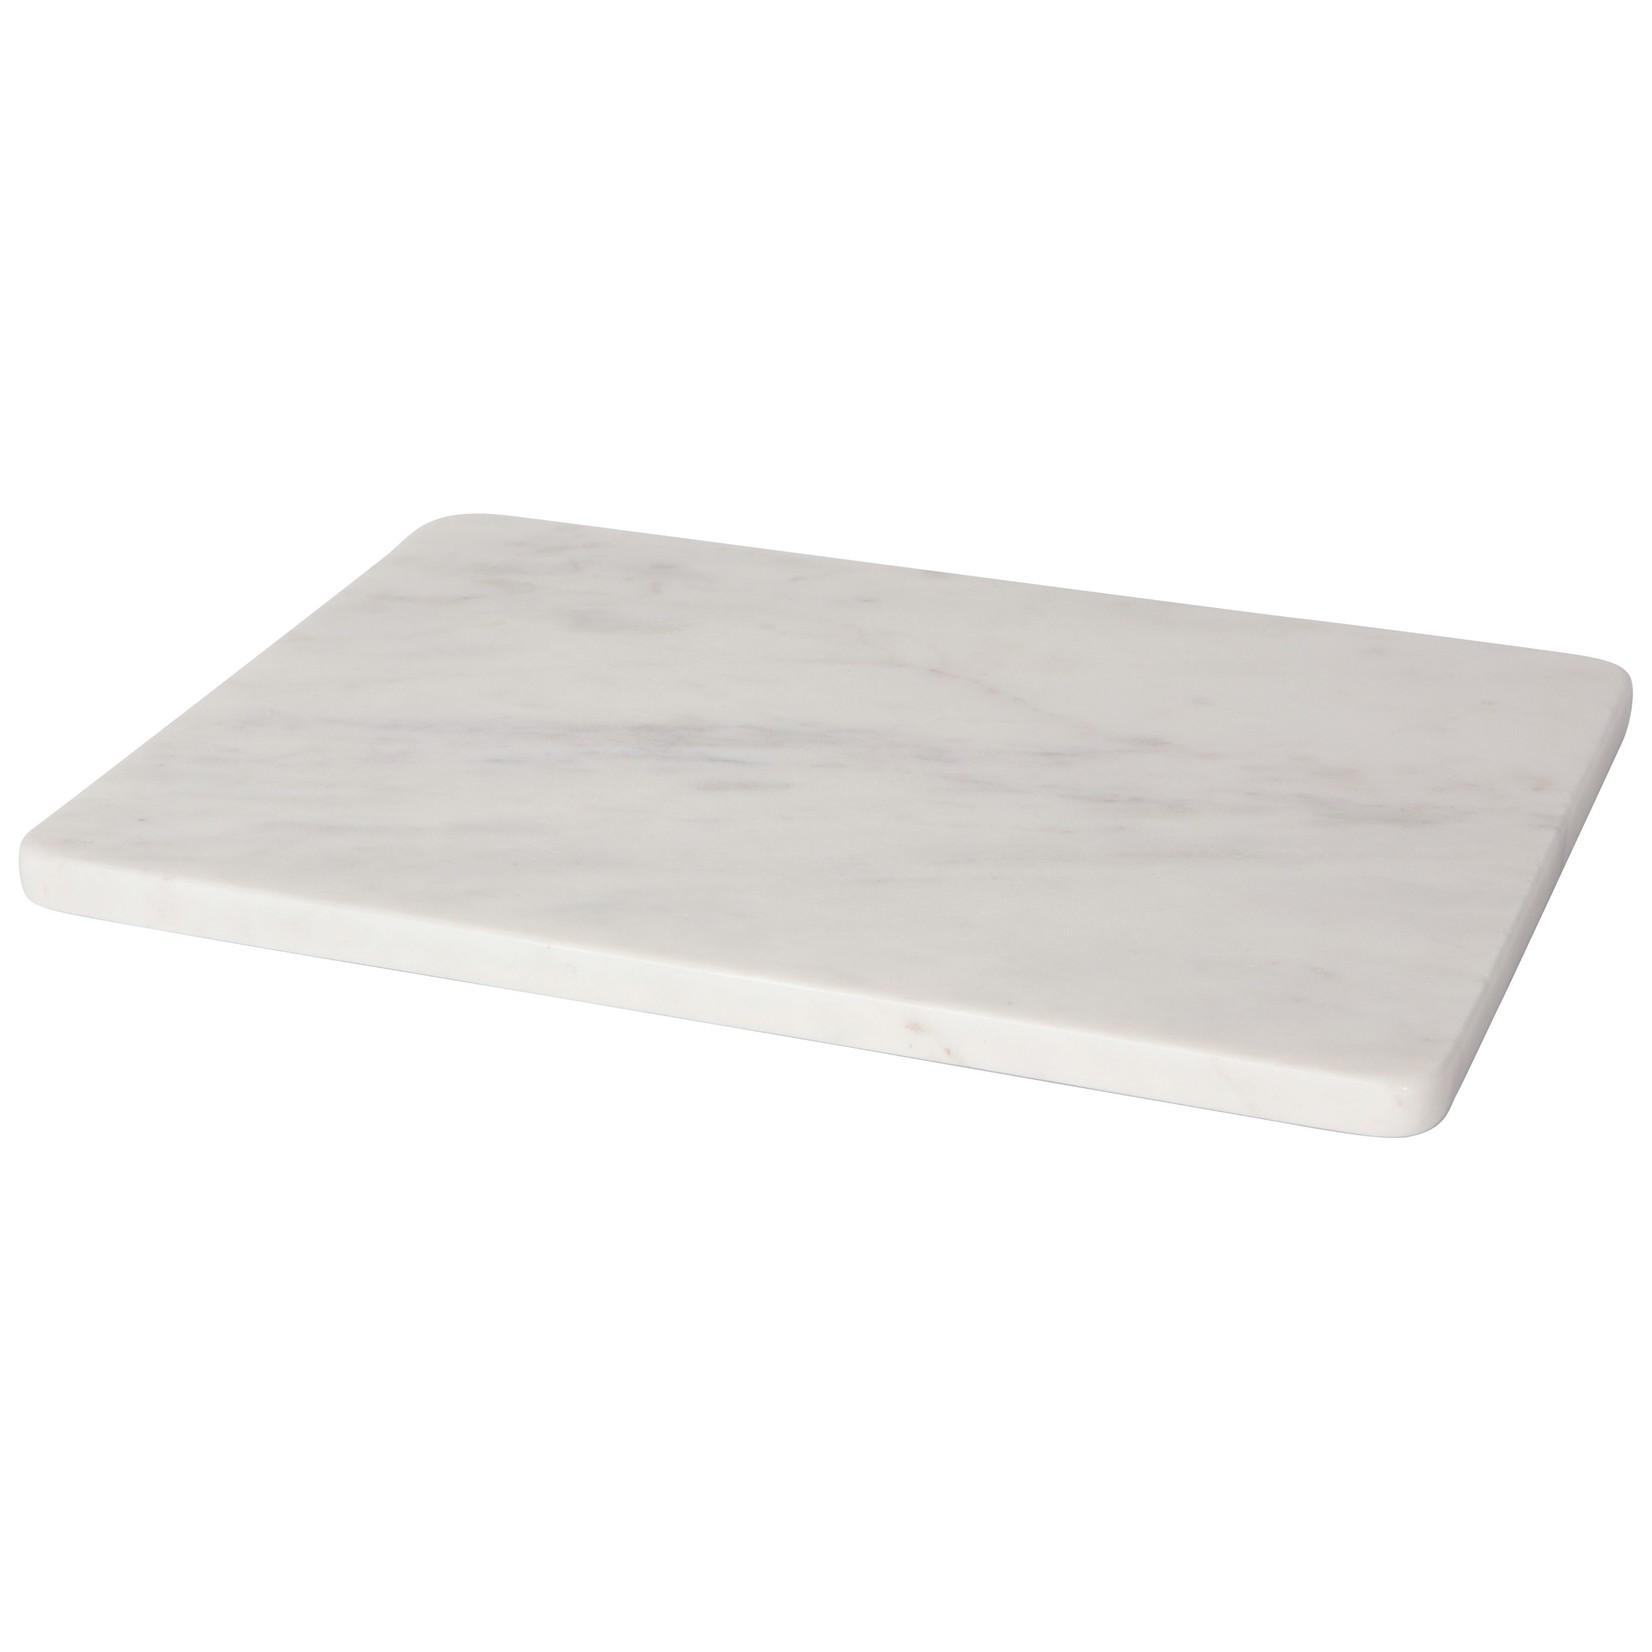 Heirloom Marble Serving Board